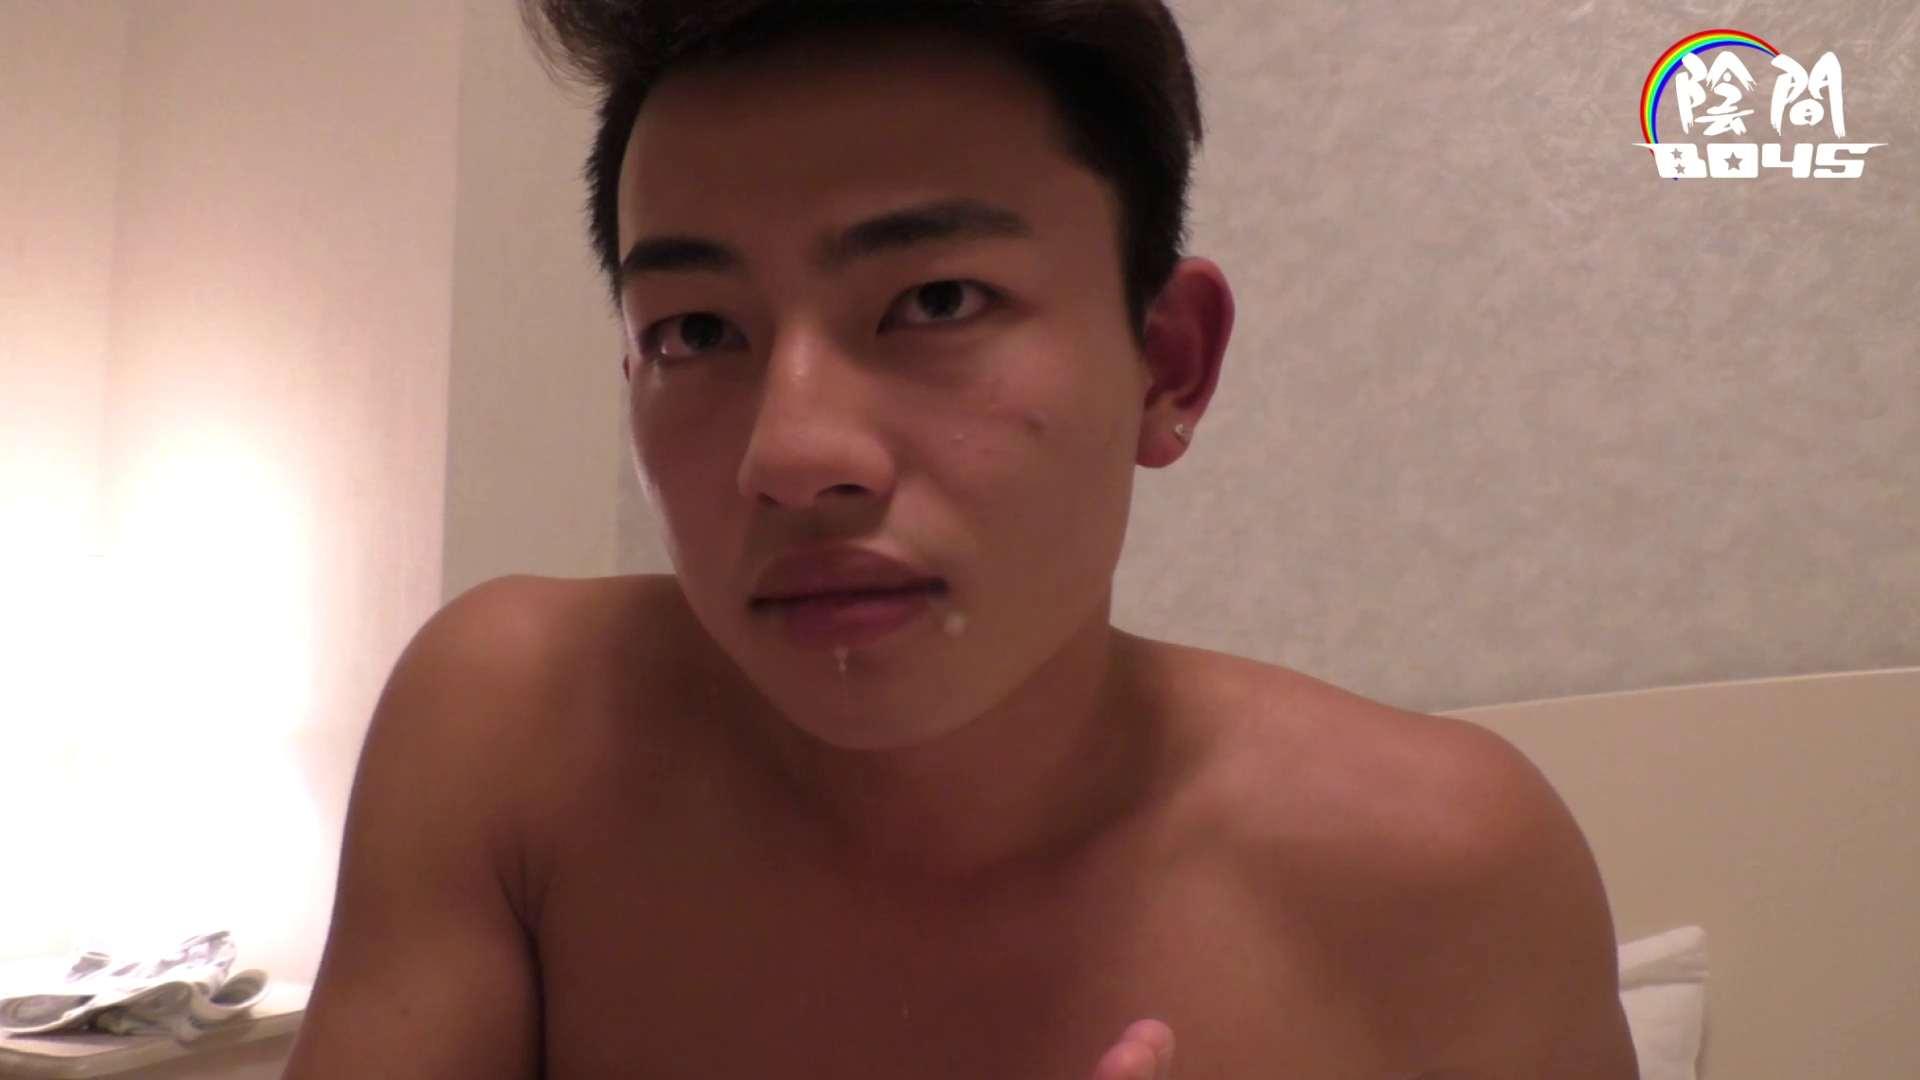 「君のアナルは」part1 ~ノンケの掟破り~Vol.10 ★★★シリーズ ゲイエロ画像 83pic 20